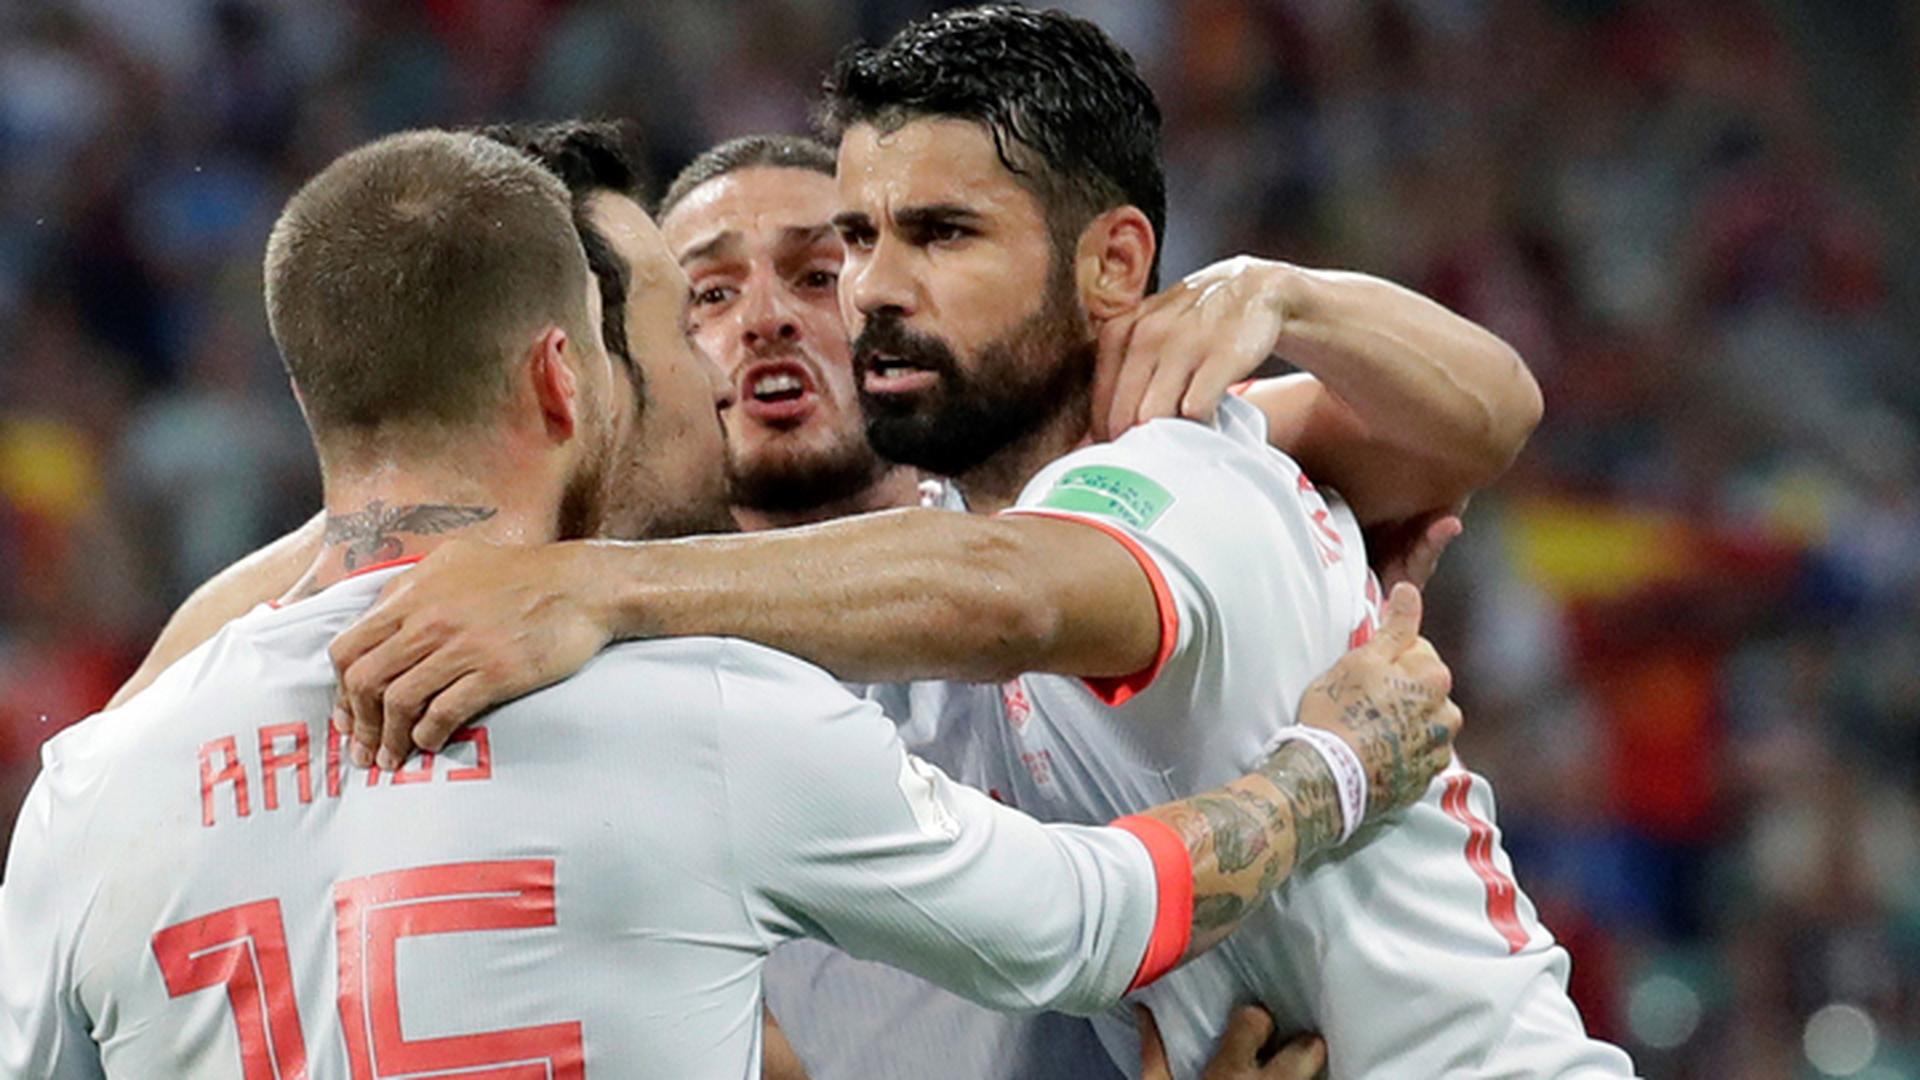 Игрок сборной Испании Коста оскорбил мать и сестру иранского футболиста